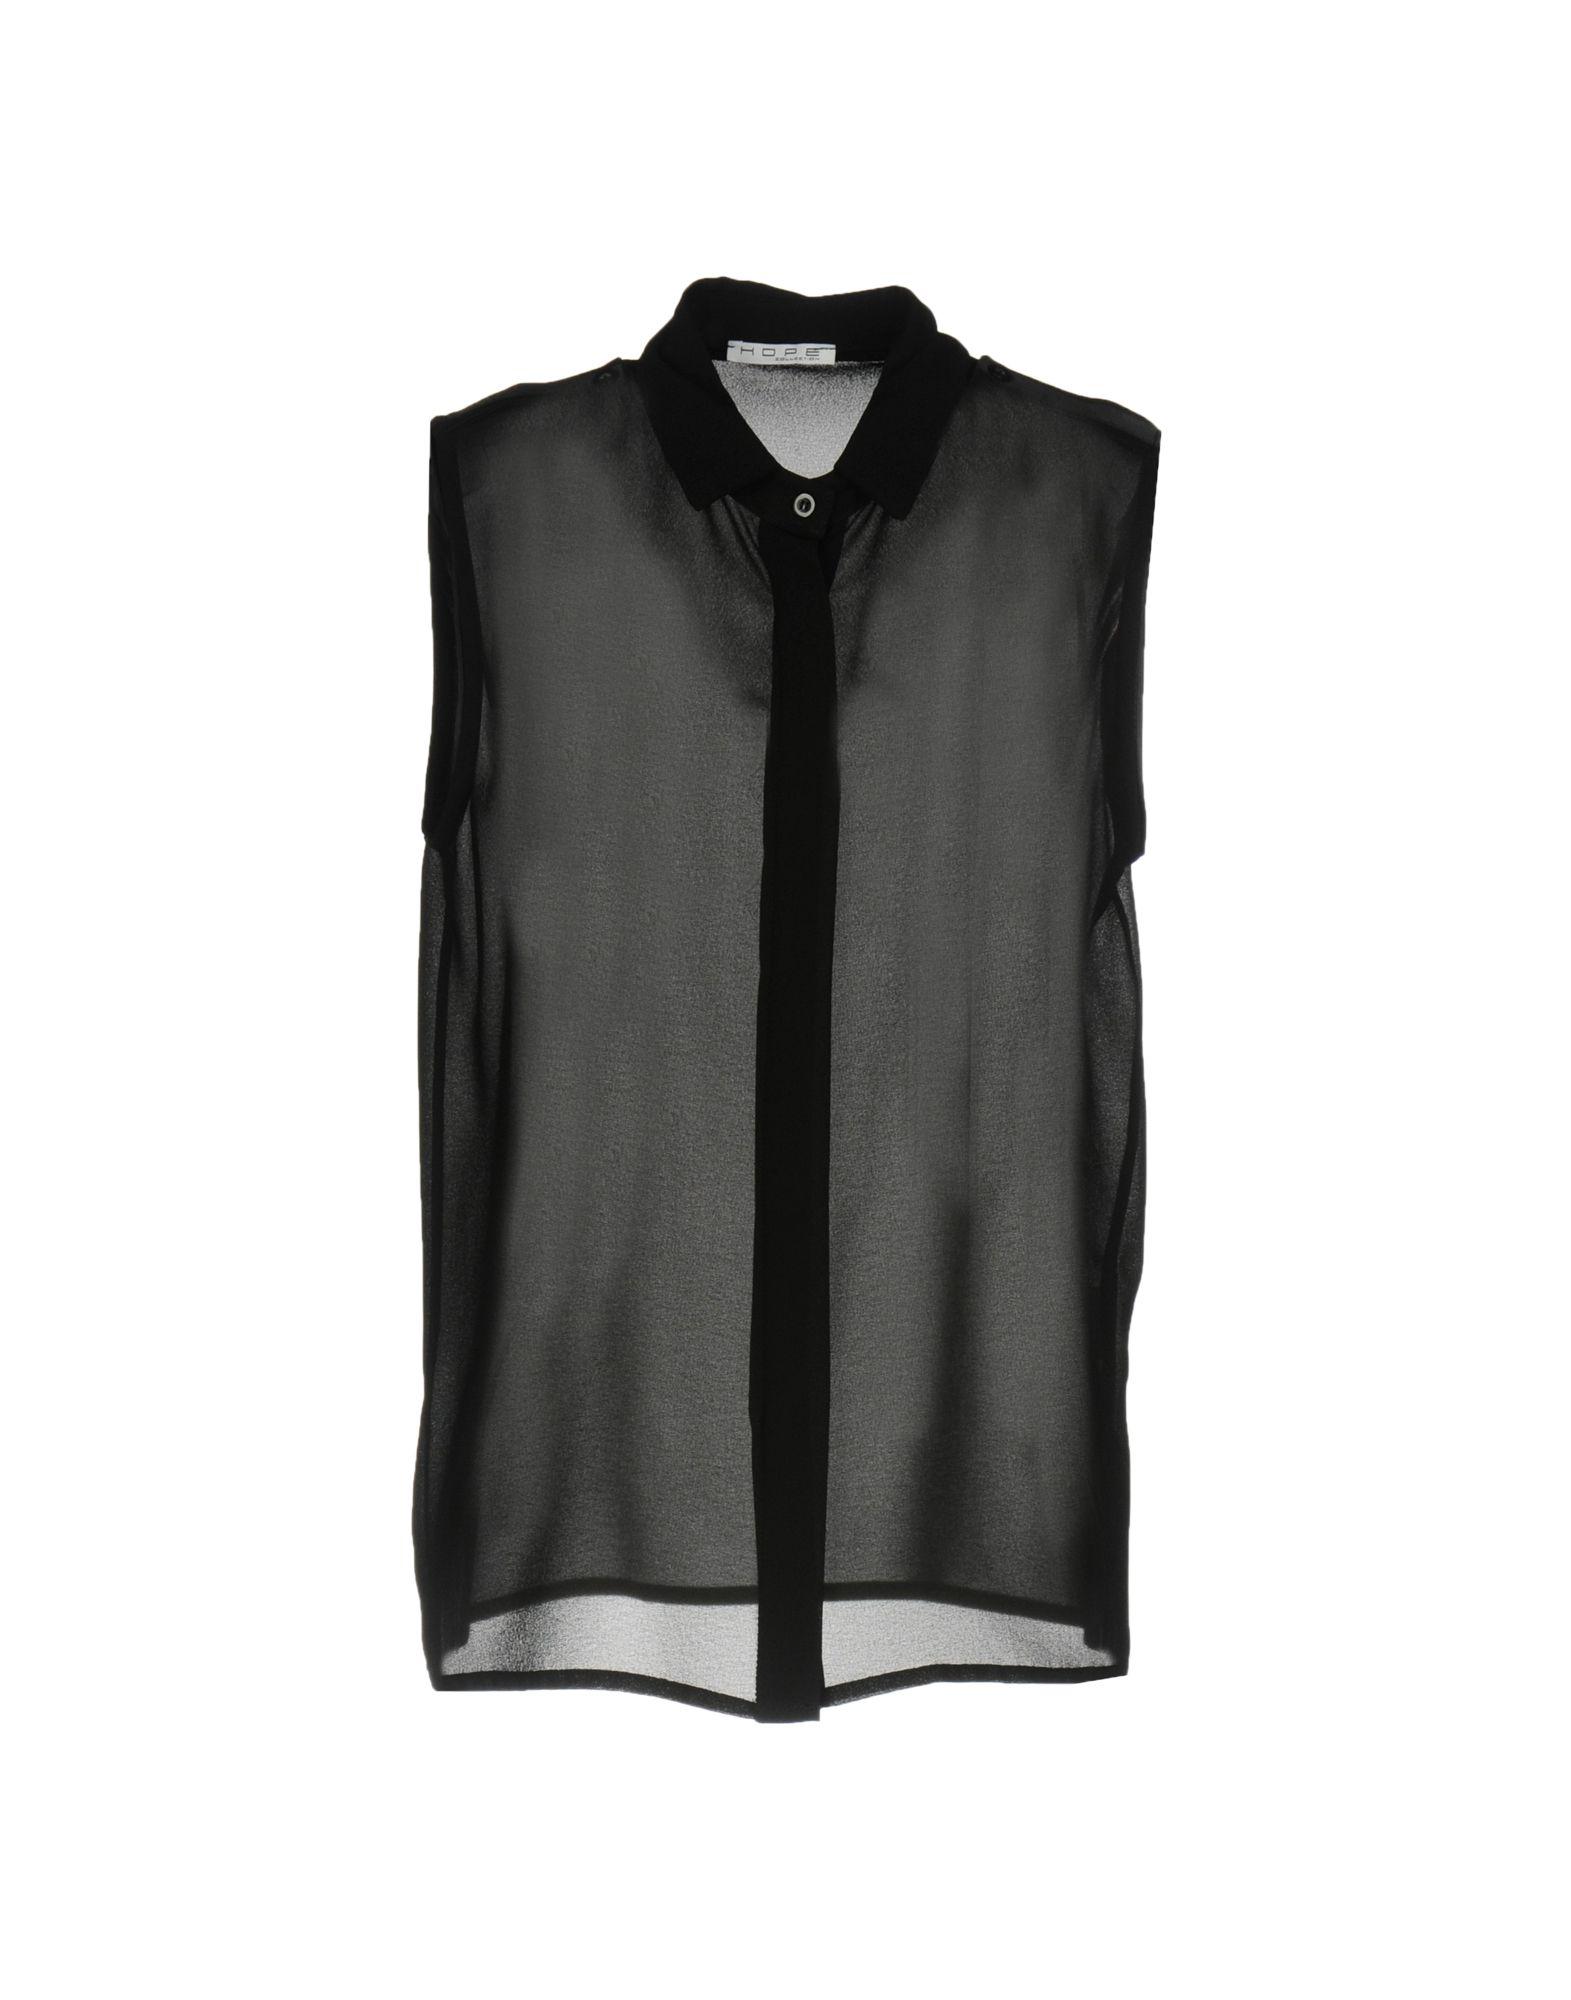 купить HOPE COLLECTION Pубашка по цене 9000 рублей